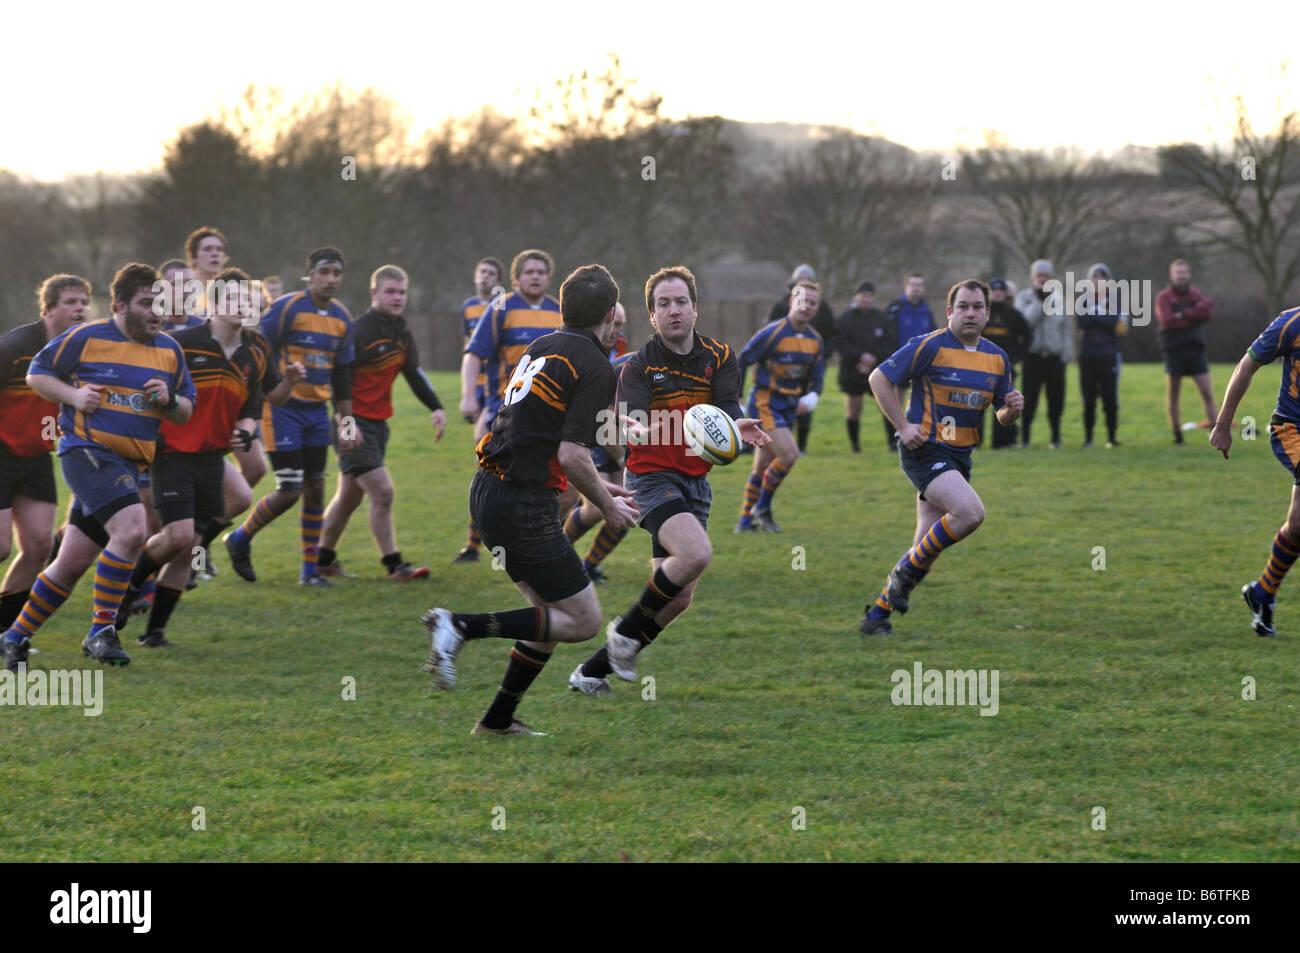 Rugby a nivel de club, en Leamington Spa, Inglaterra, Reino Unido. Imagen De Stock